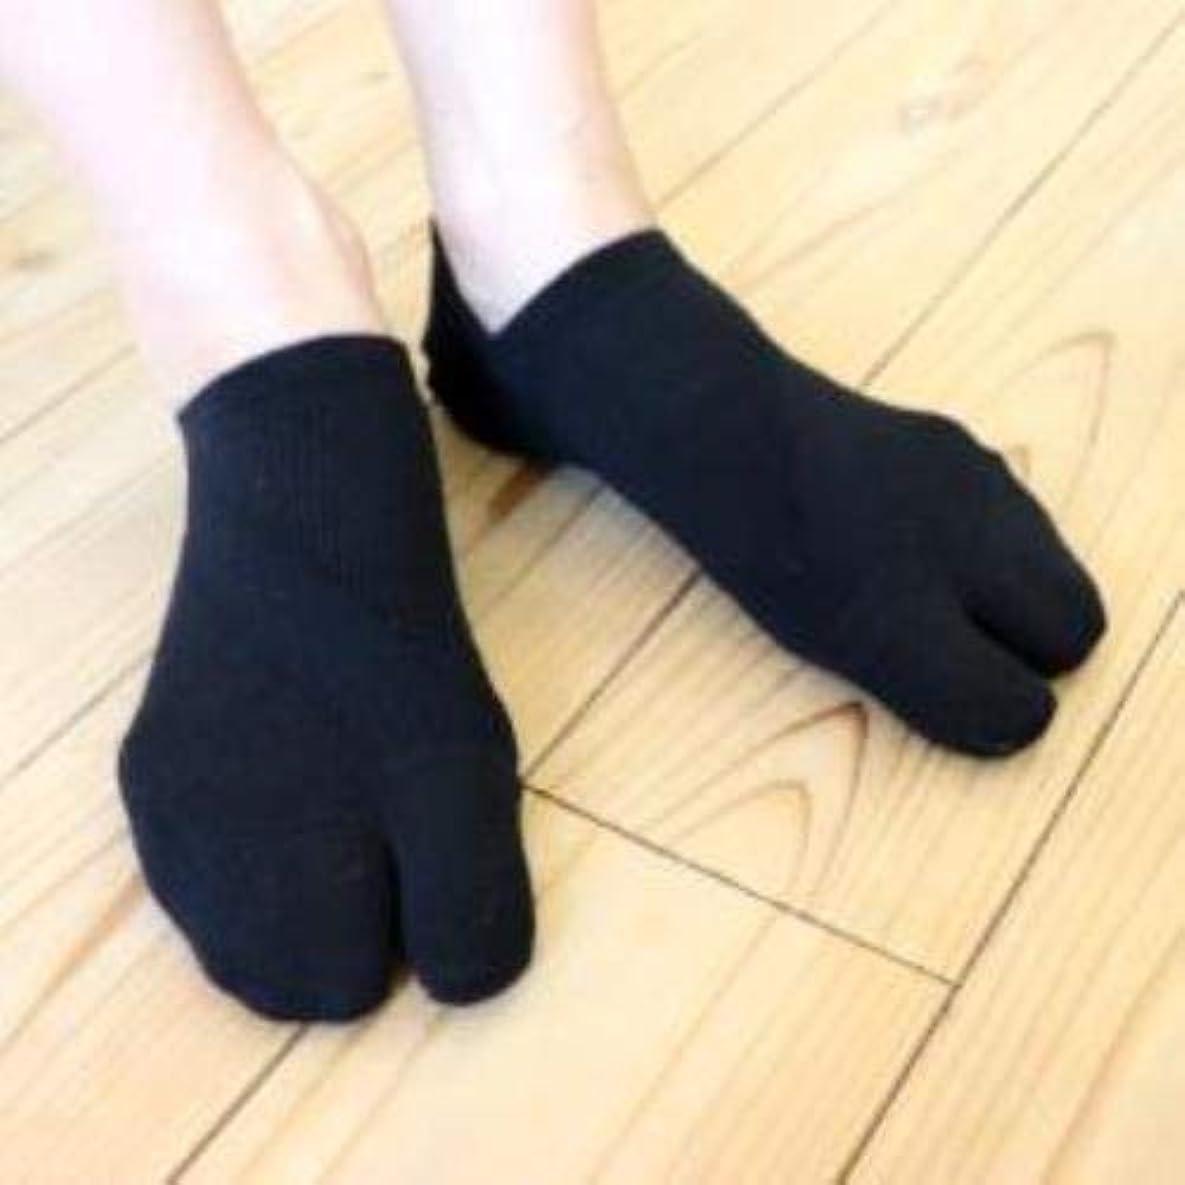 滅びるスチュアート島非互換さとう式 フレクサーソックス スニーカータイプ 黒 (L) 足袋型